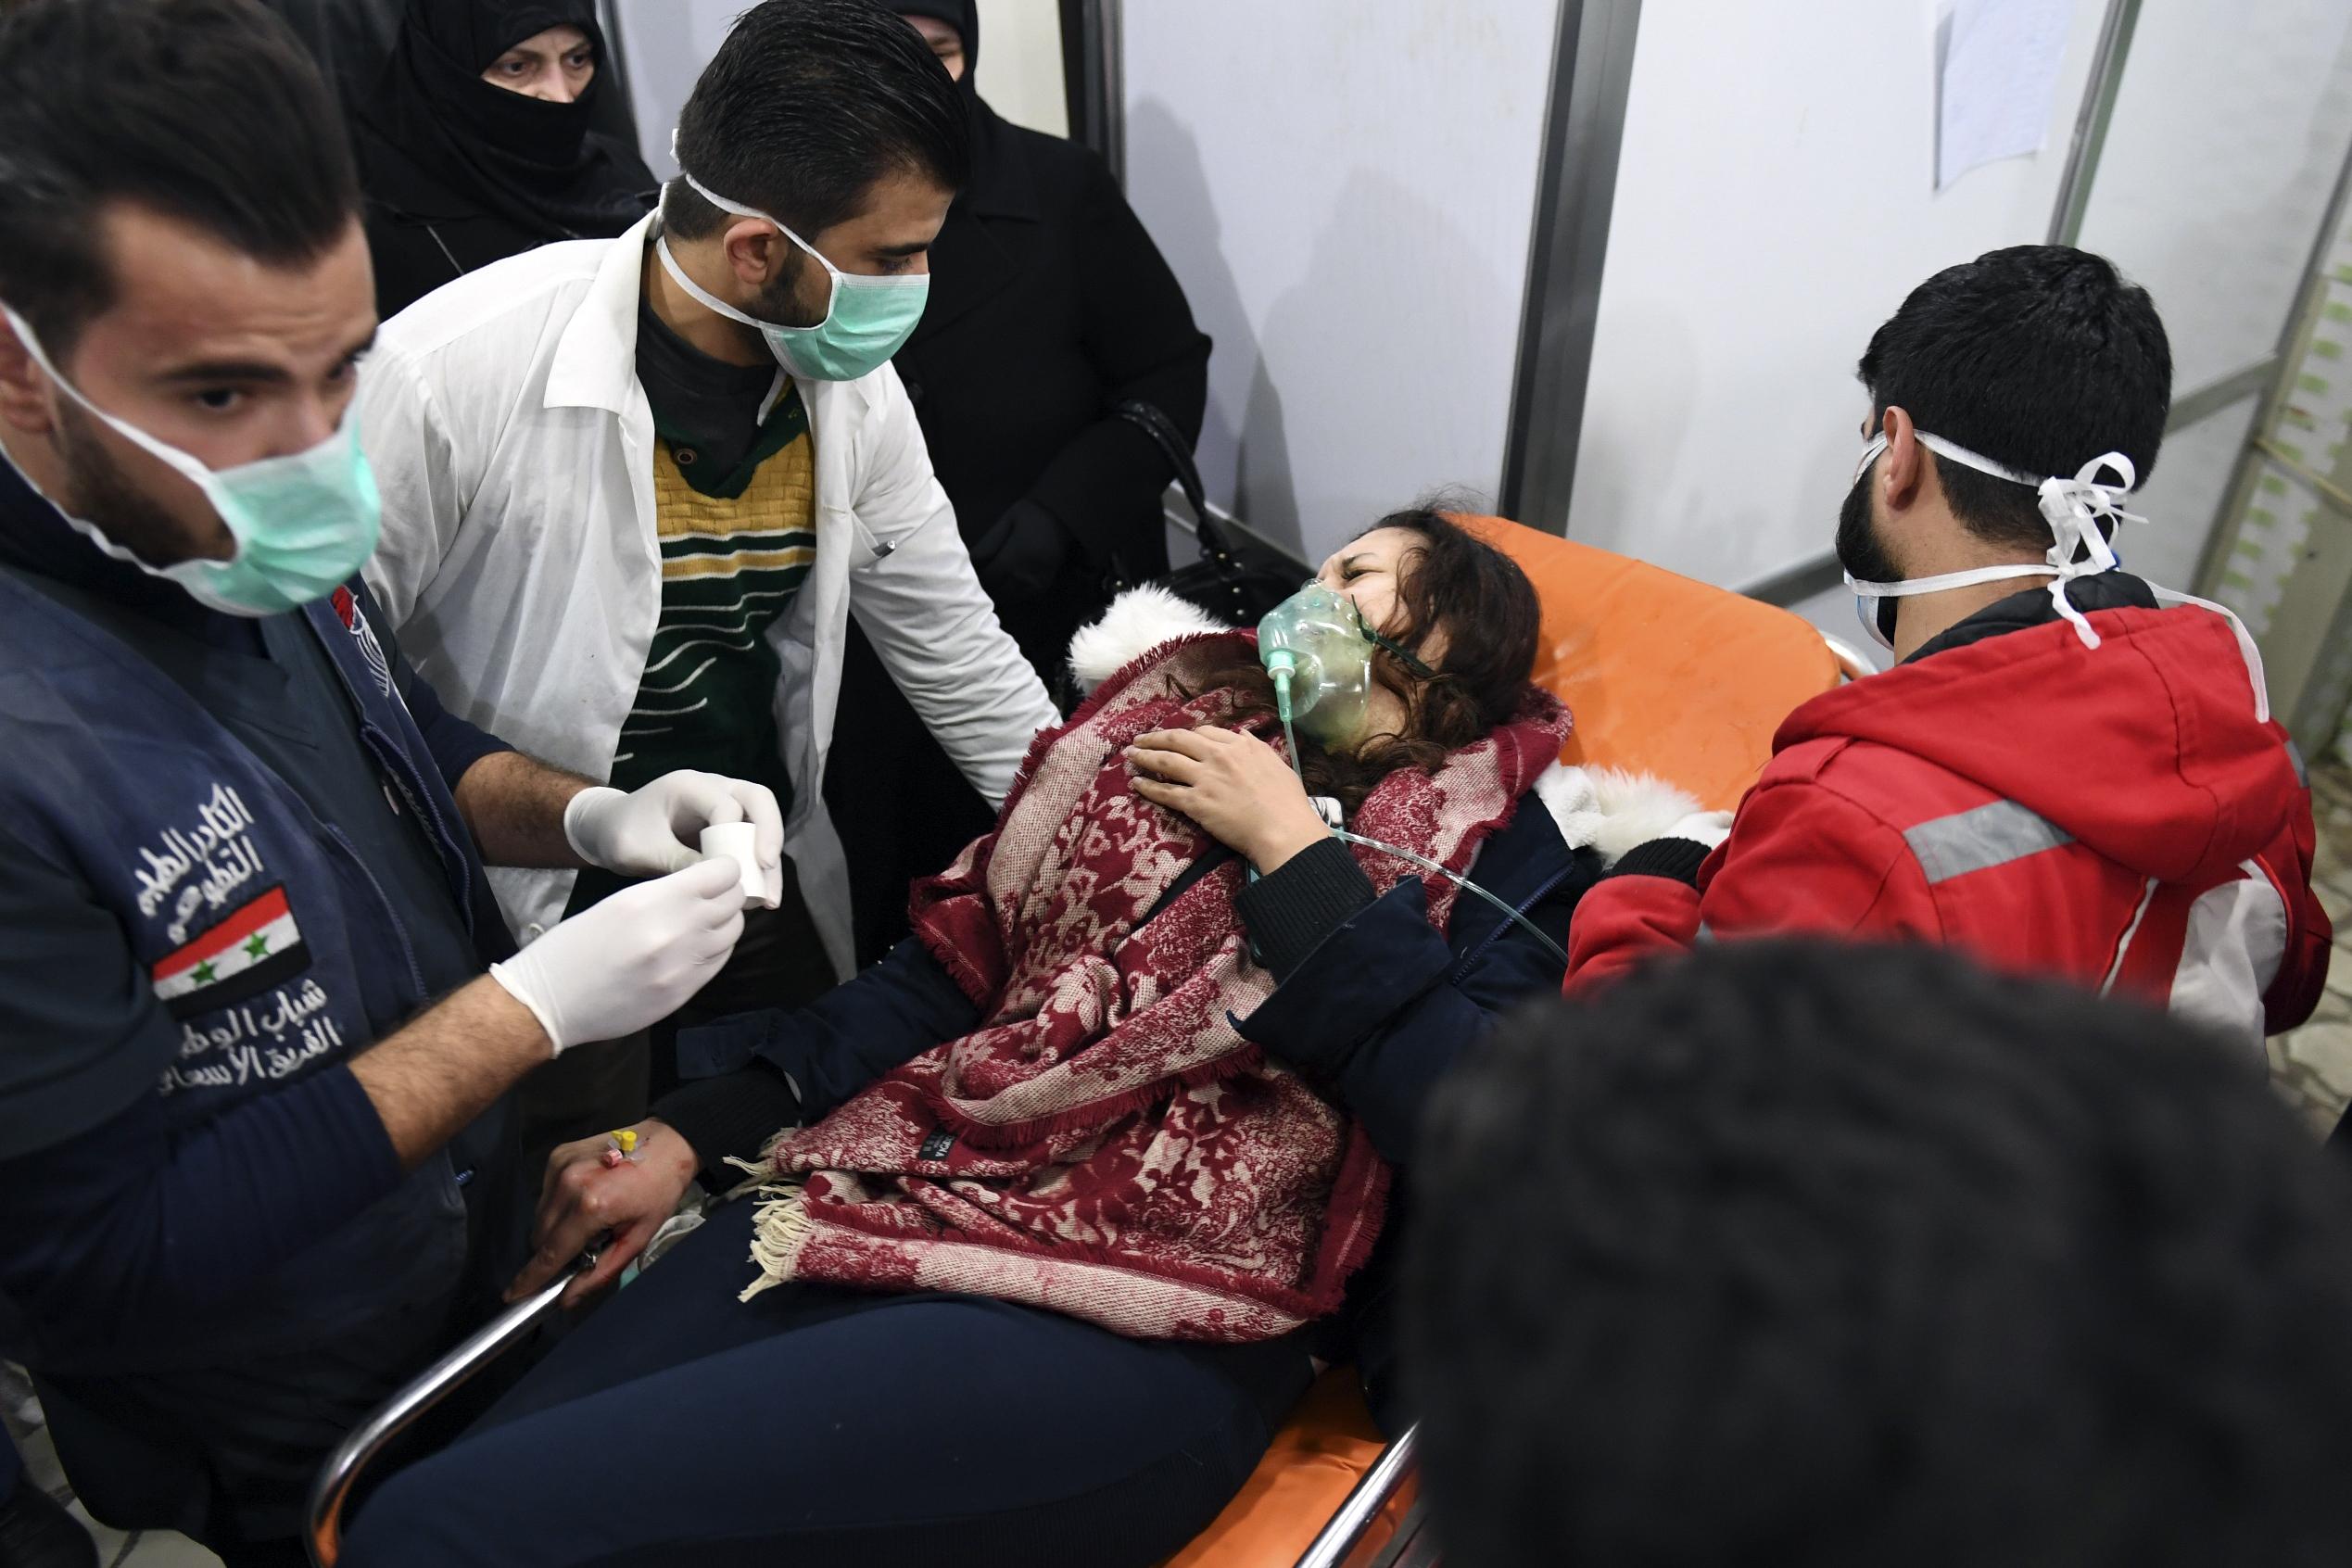 Россия «сфабриковала» атаку с использованием химического оружия для подрыва процесса перемирия в Сирии